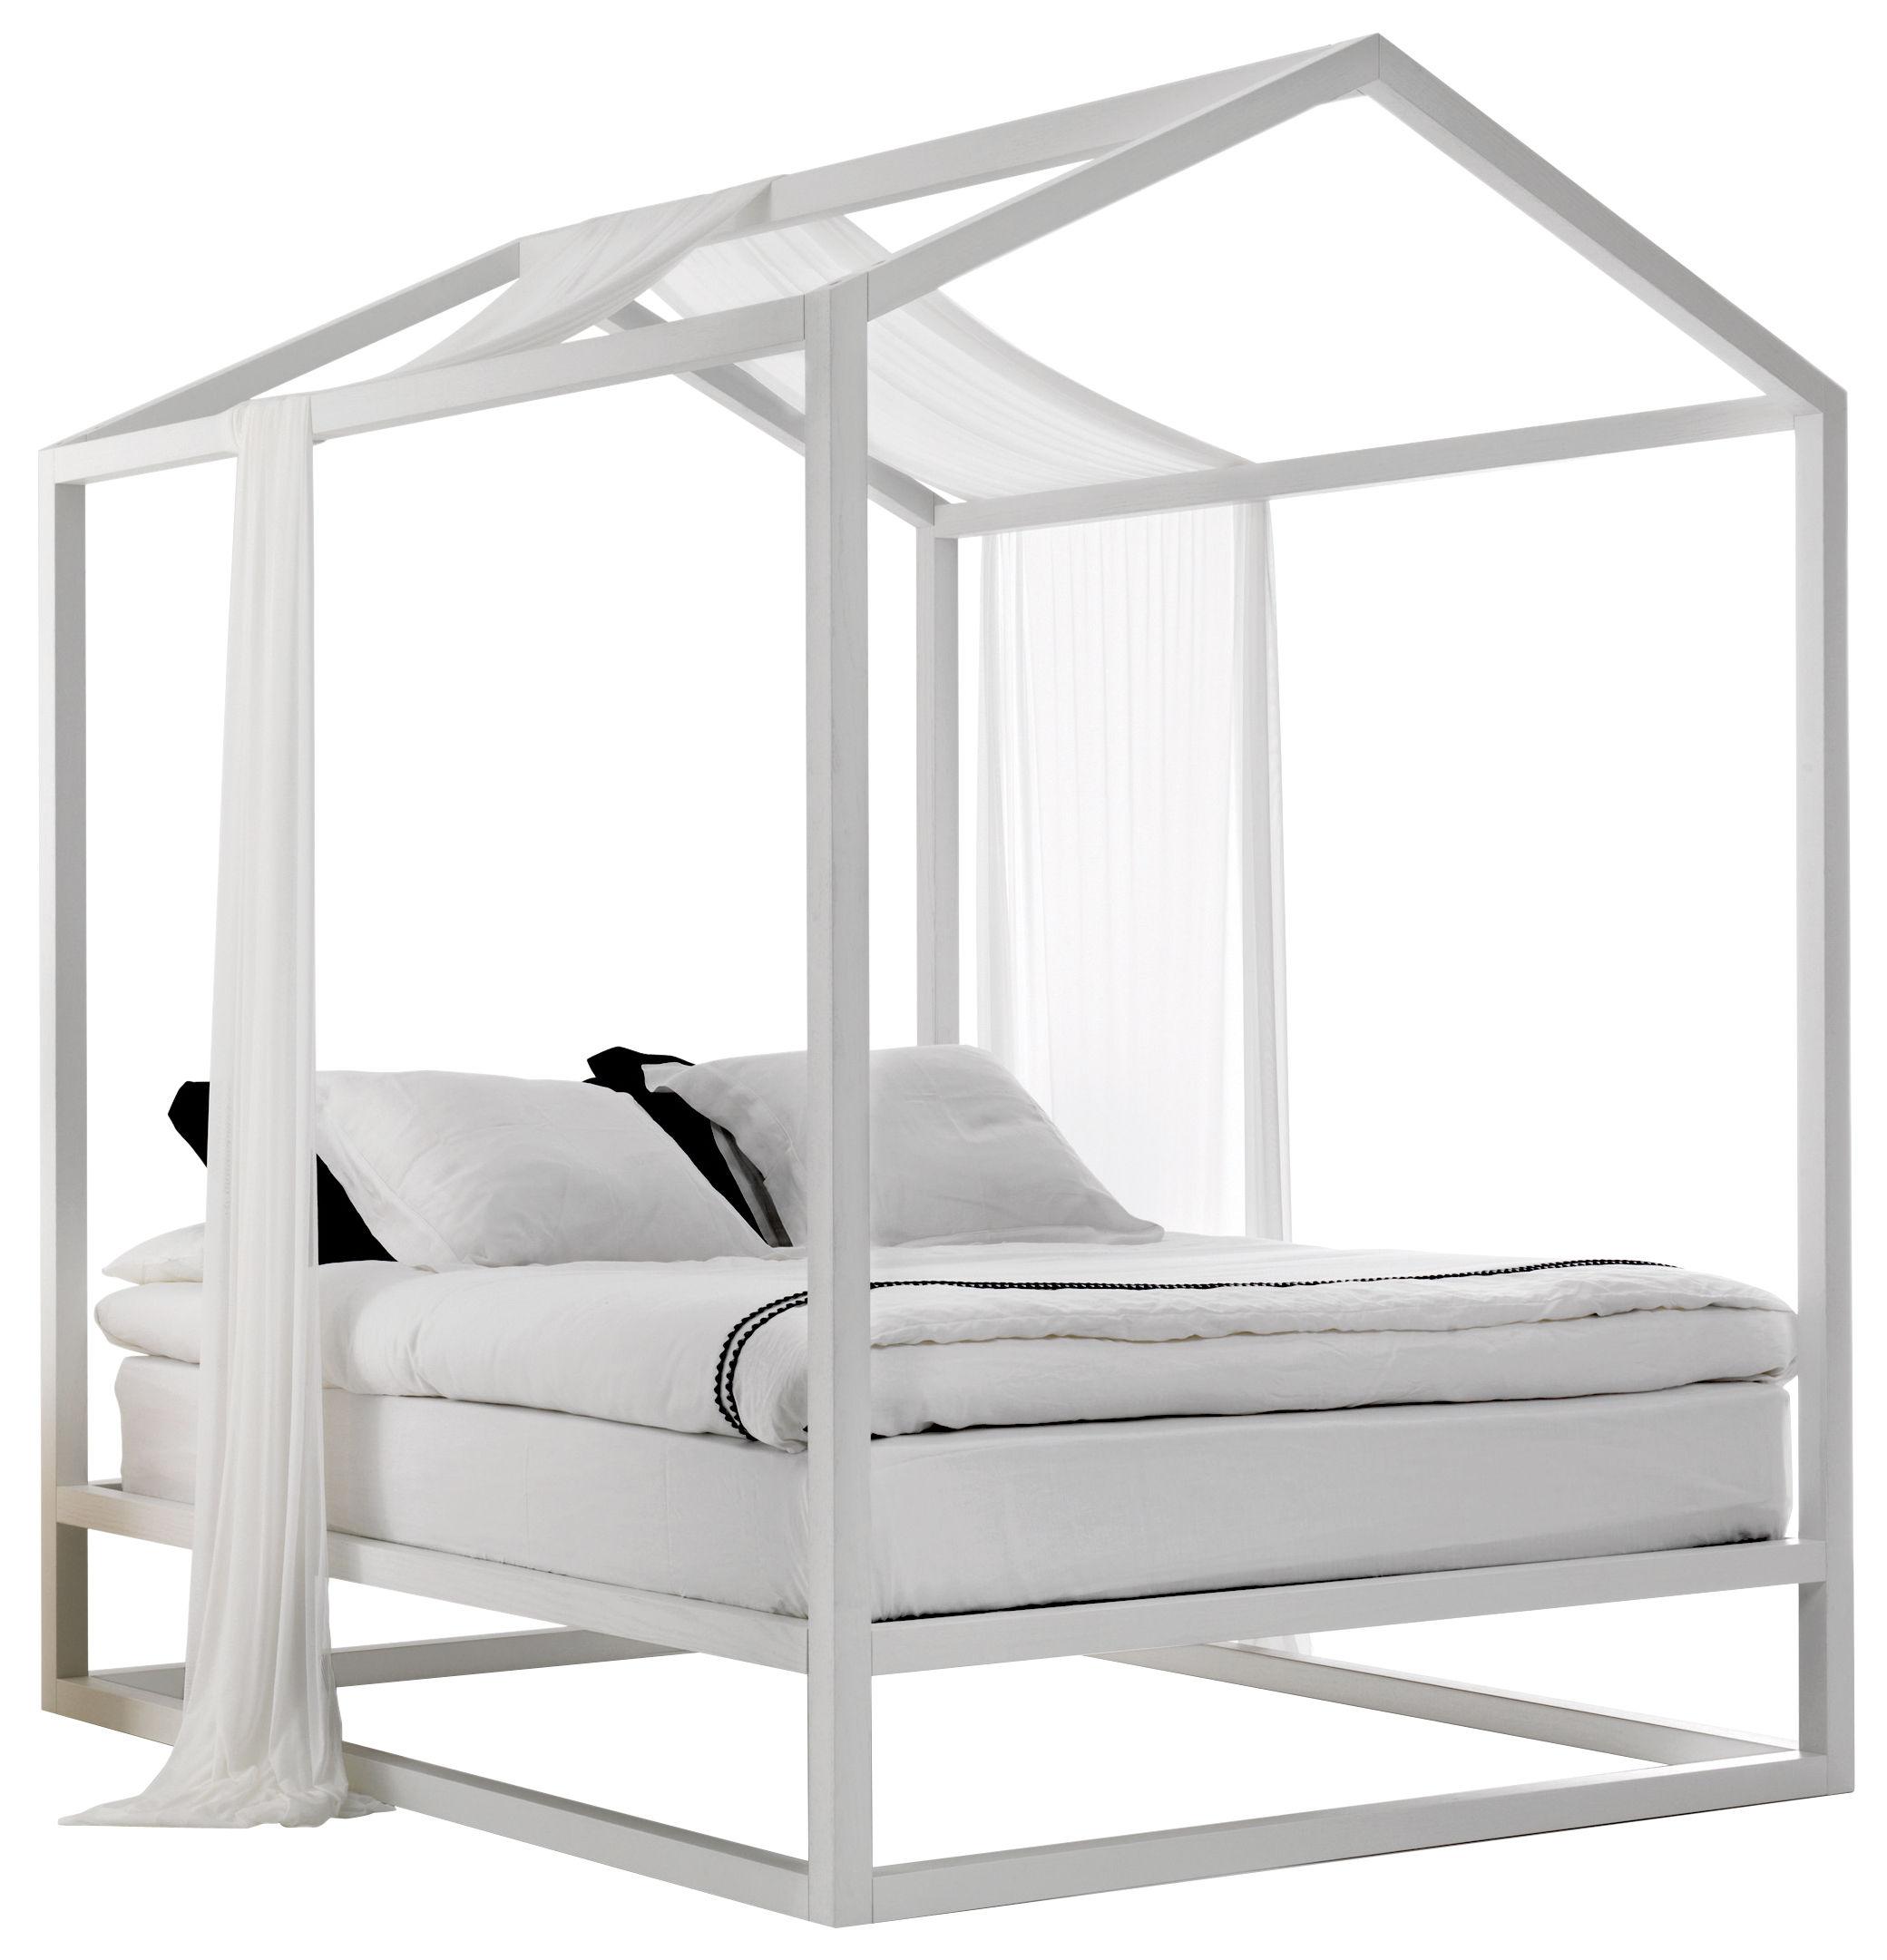 lit à baldaquin casetta in canadá / 213 x 183 x h 235 cm blanc